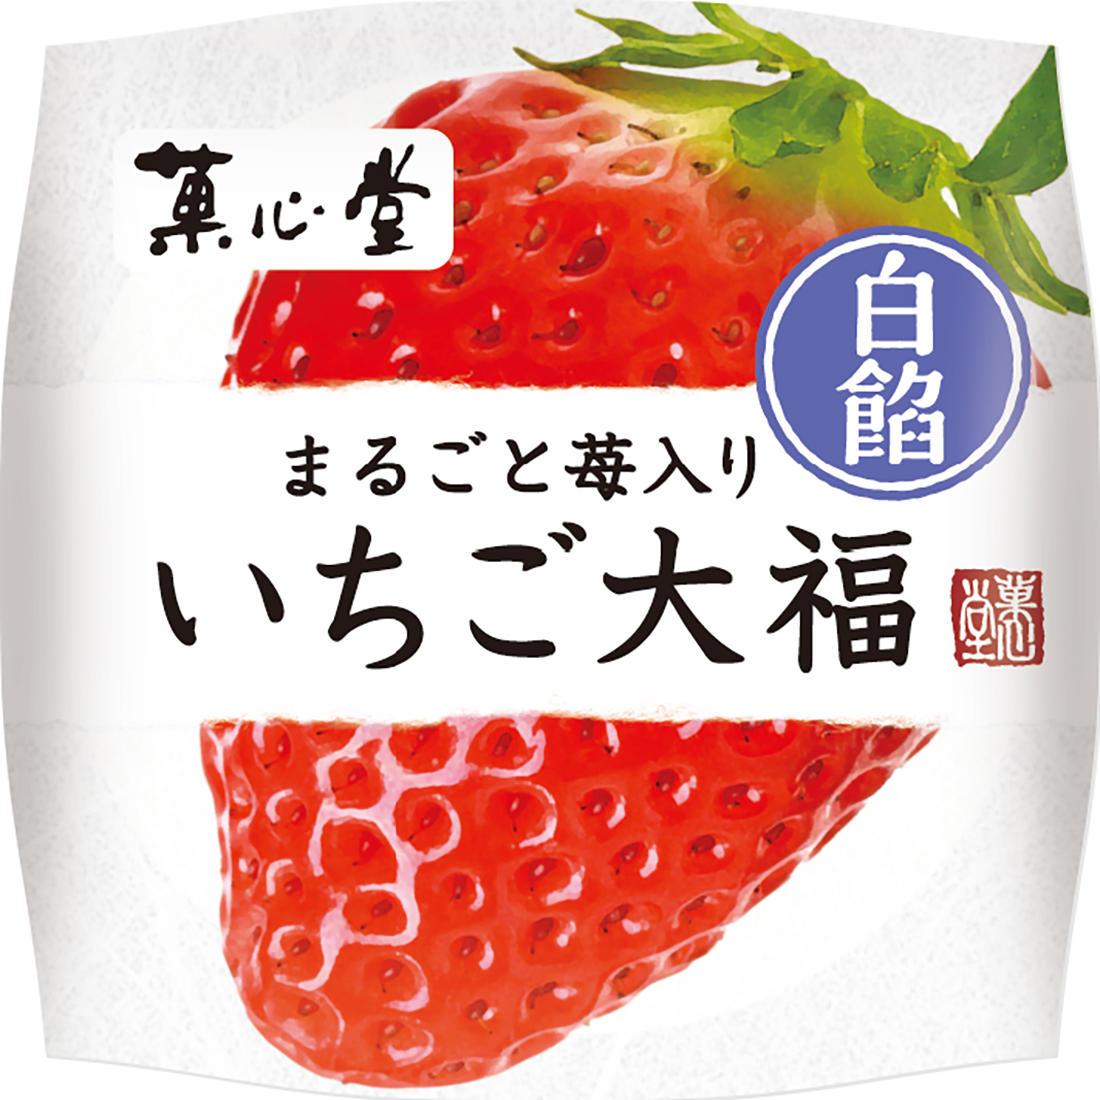 ichigodaifuku siro